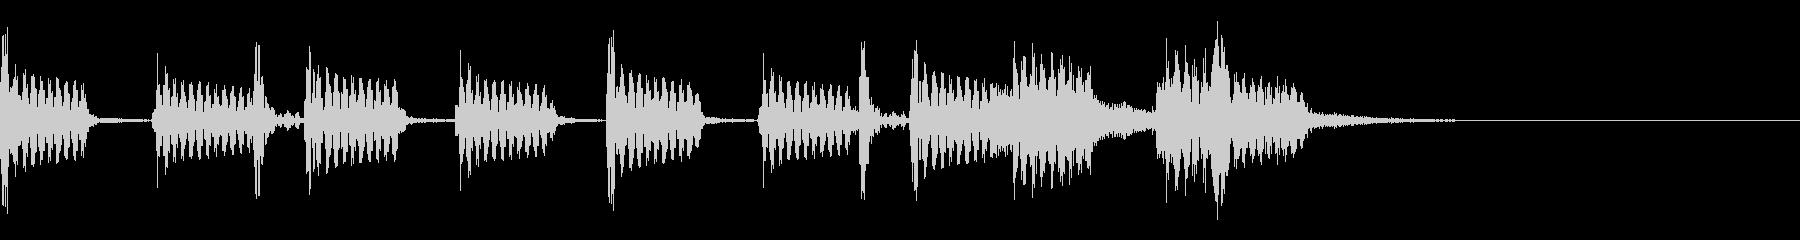 クラシックロックの真正性を捉えた明...の未再生の波形